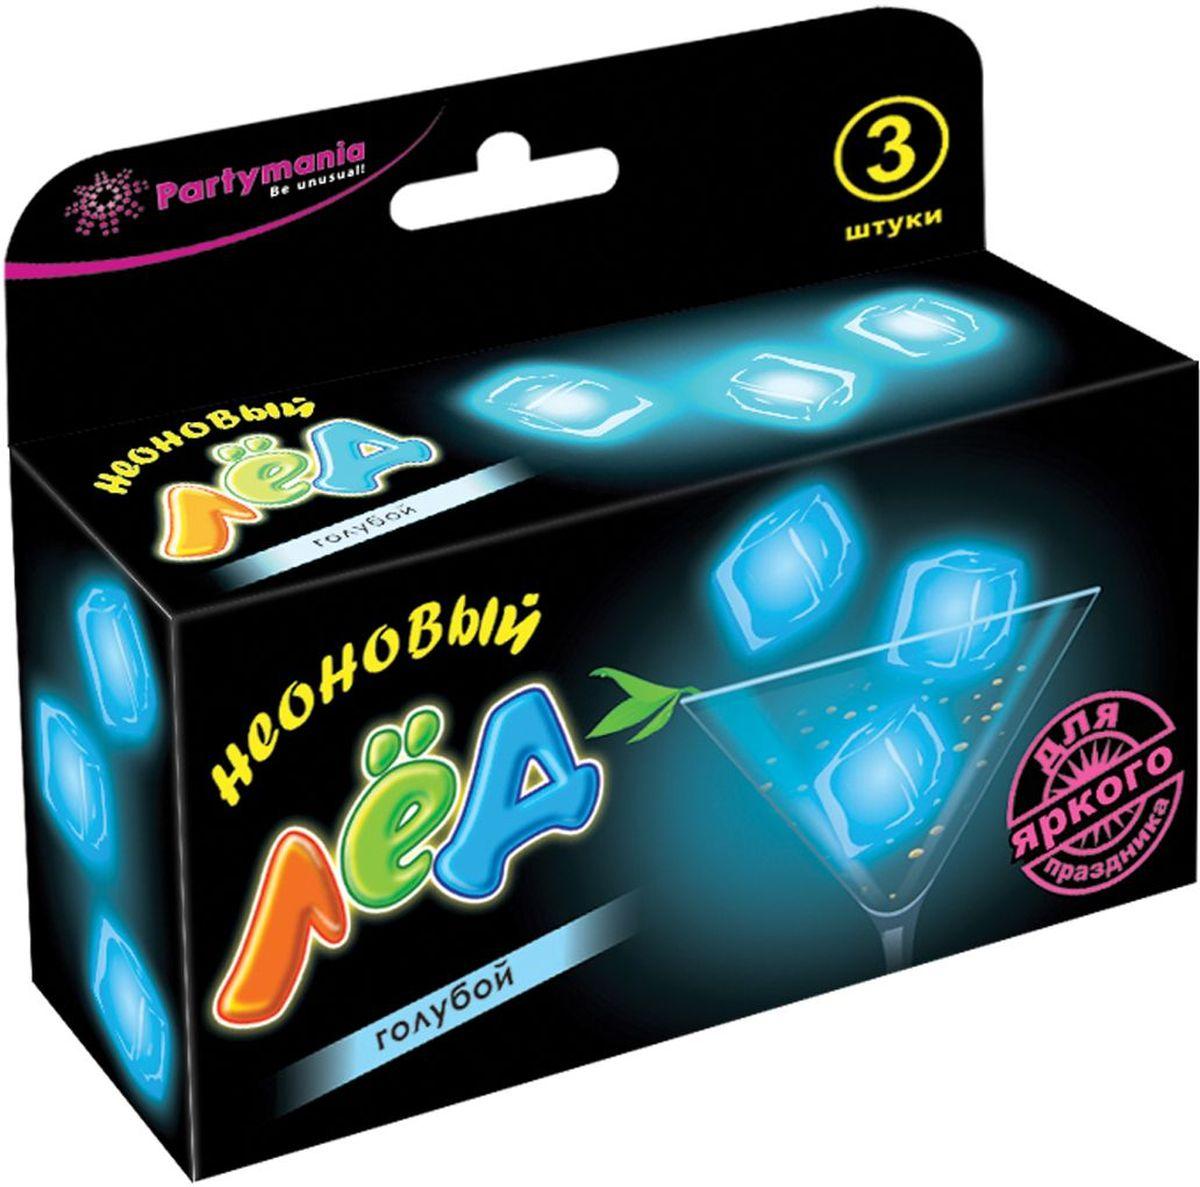 Partymania Изделие для праздников Неоновый лед T0111 цвет голубойT0111_голубойИспользуется для украшения напитков. Придает оригинальный вид любому бокалу, стакану с помощью эффекта интенсивного неонового свечения. Изделие светится в течение 5-6 часов. Для достижения наилучшего цветового эффекта рекомендуется использовать изделие в темноте или при слабом освещении.